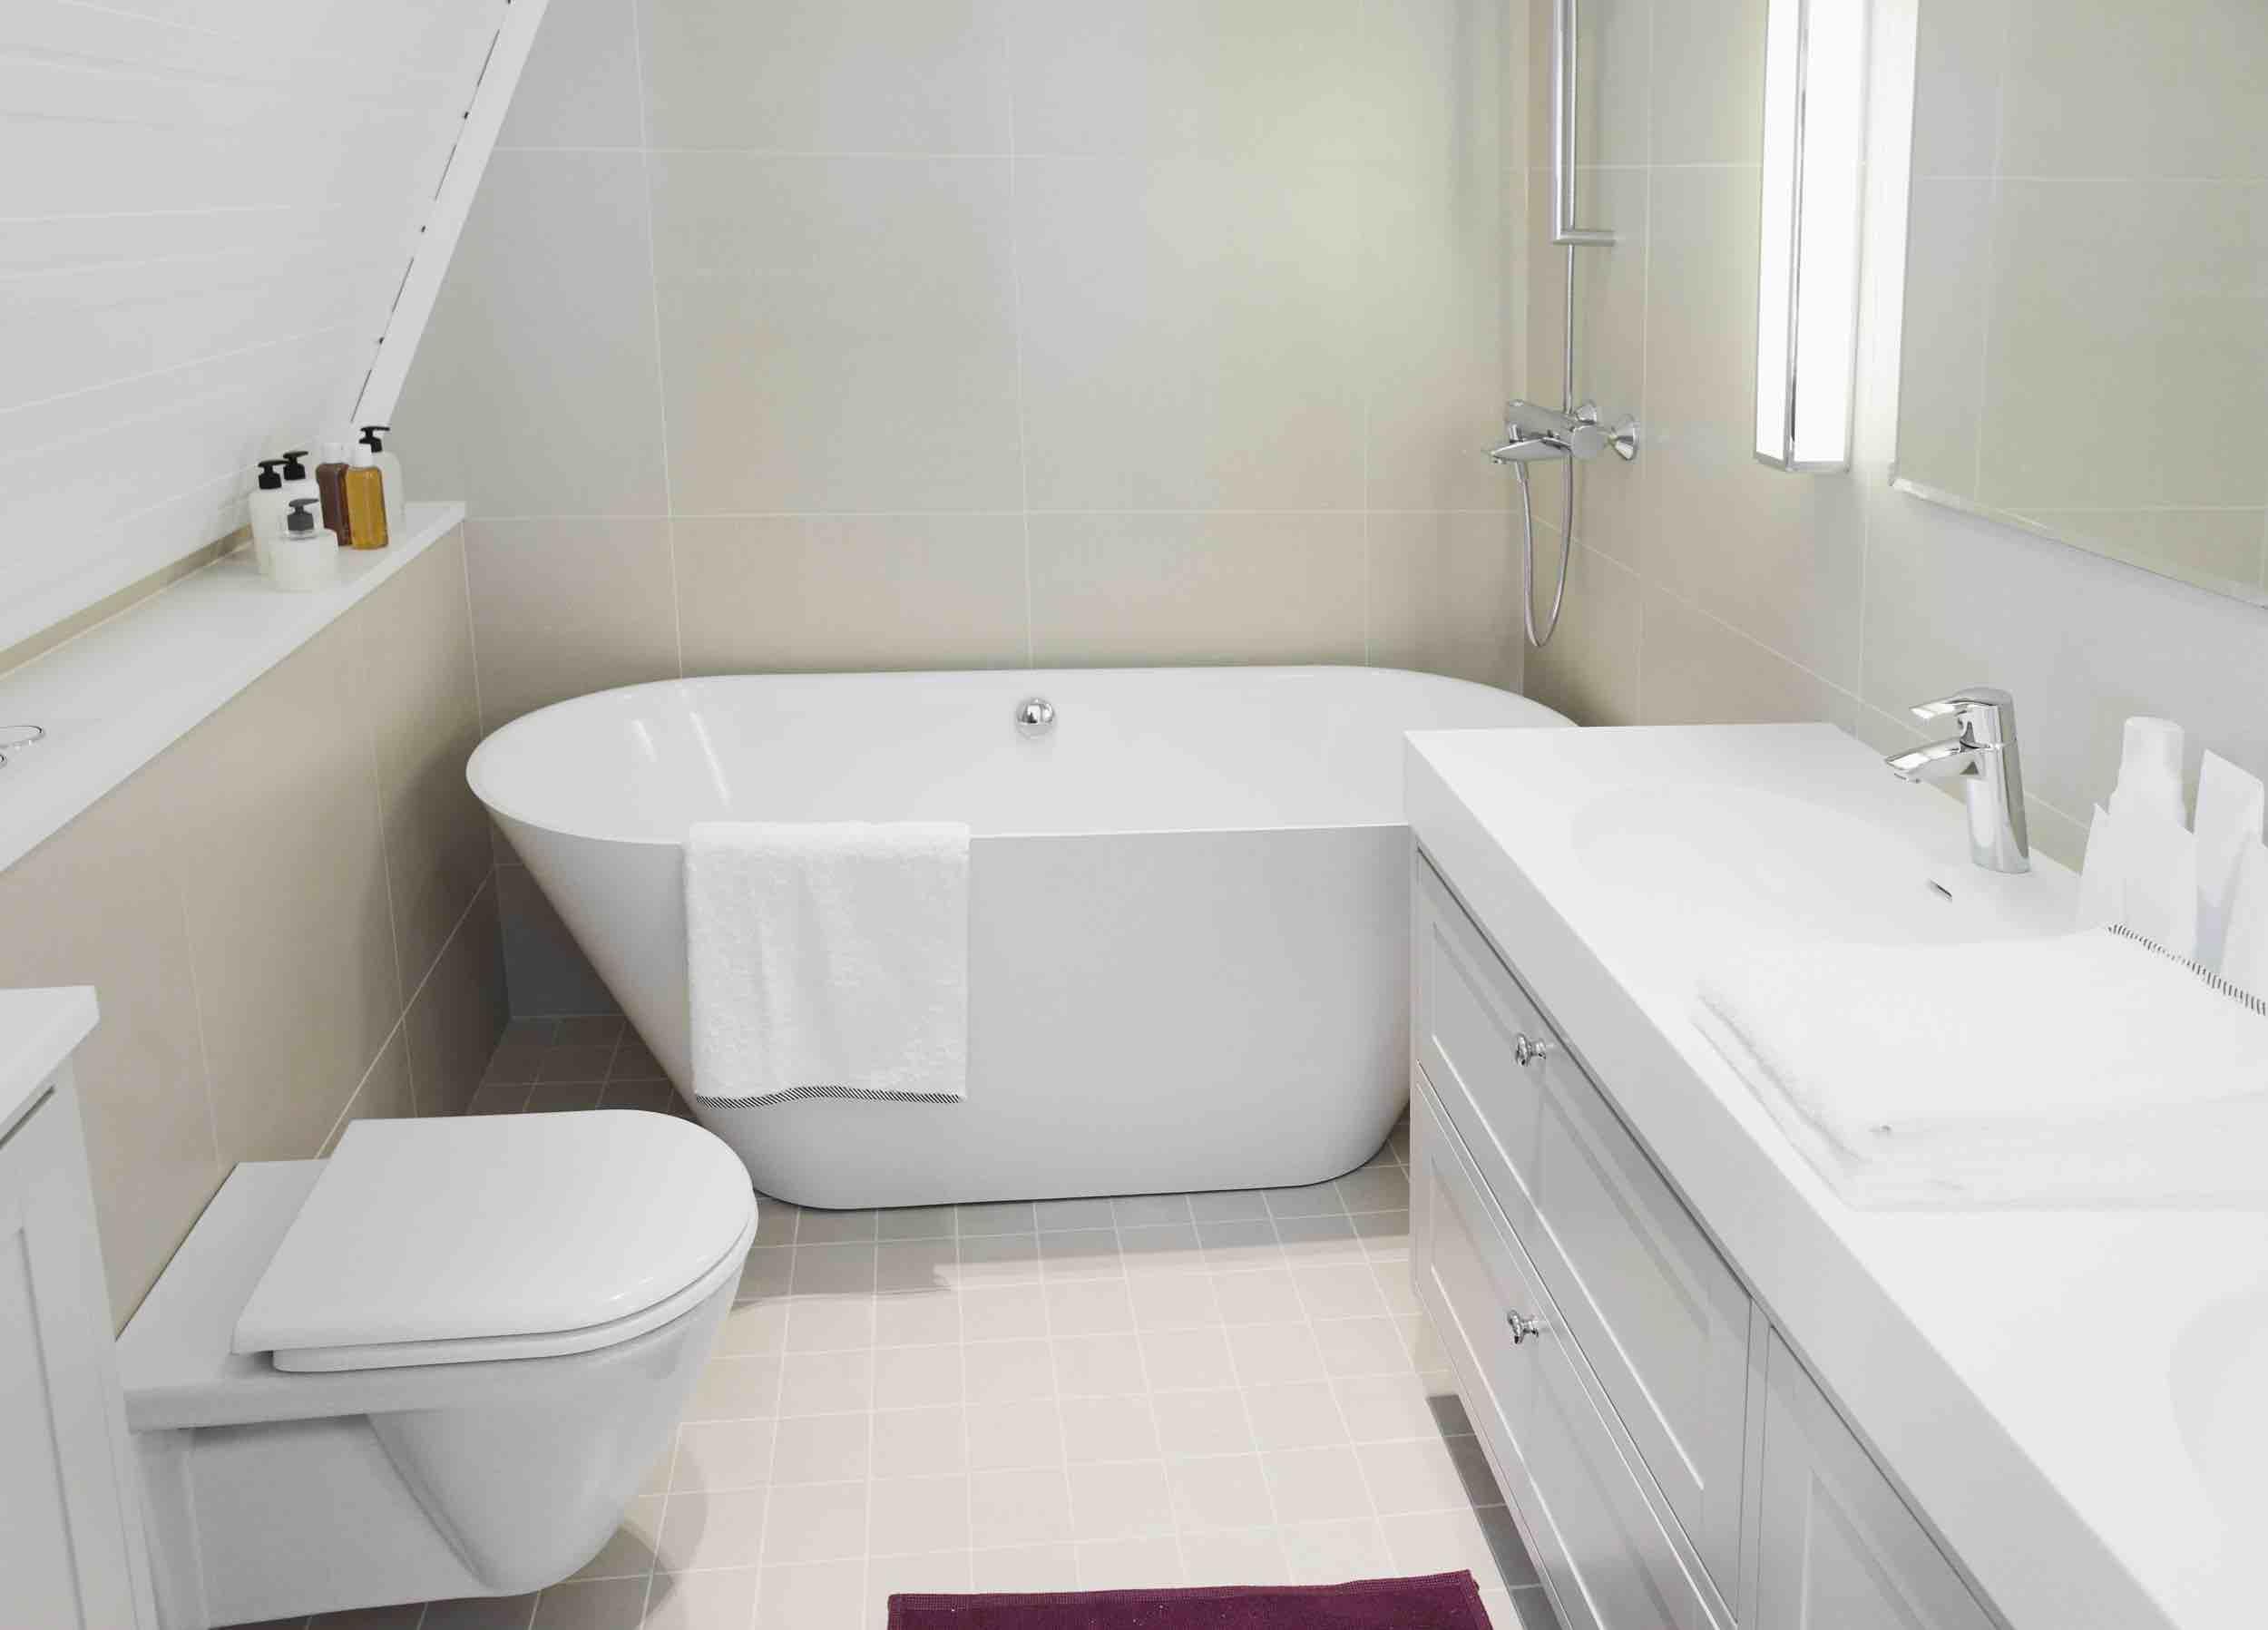 Slimme badkamer indelingen, ideeën en oplossingen